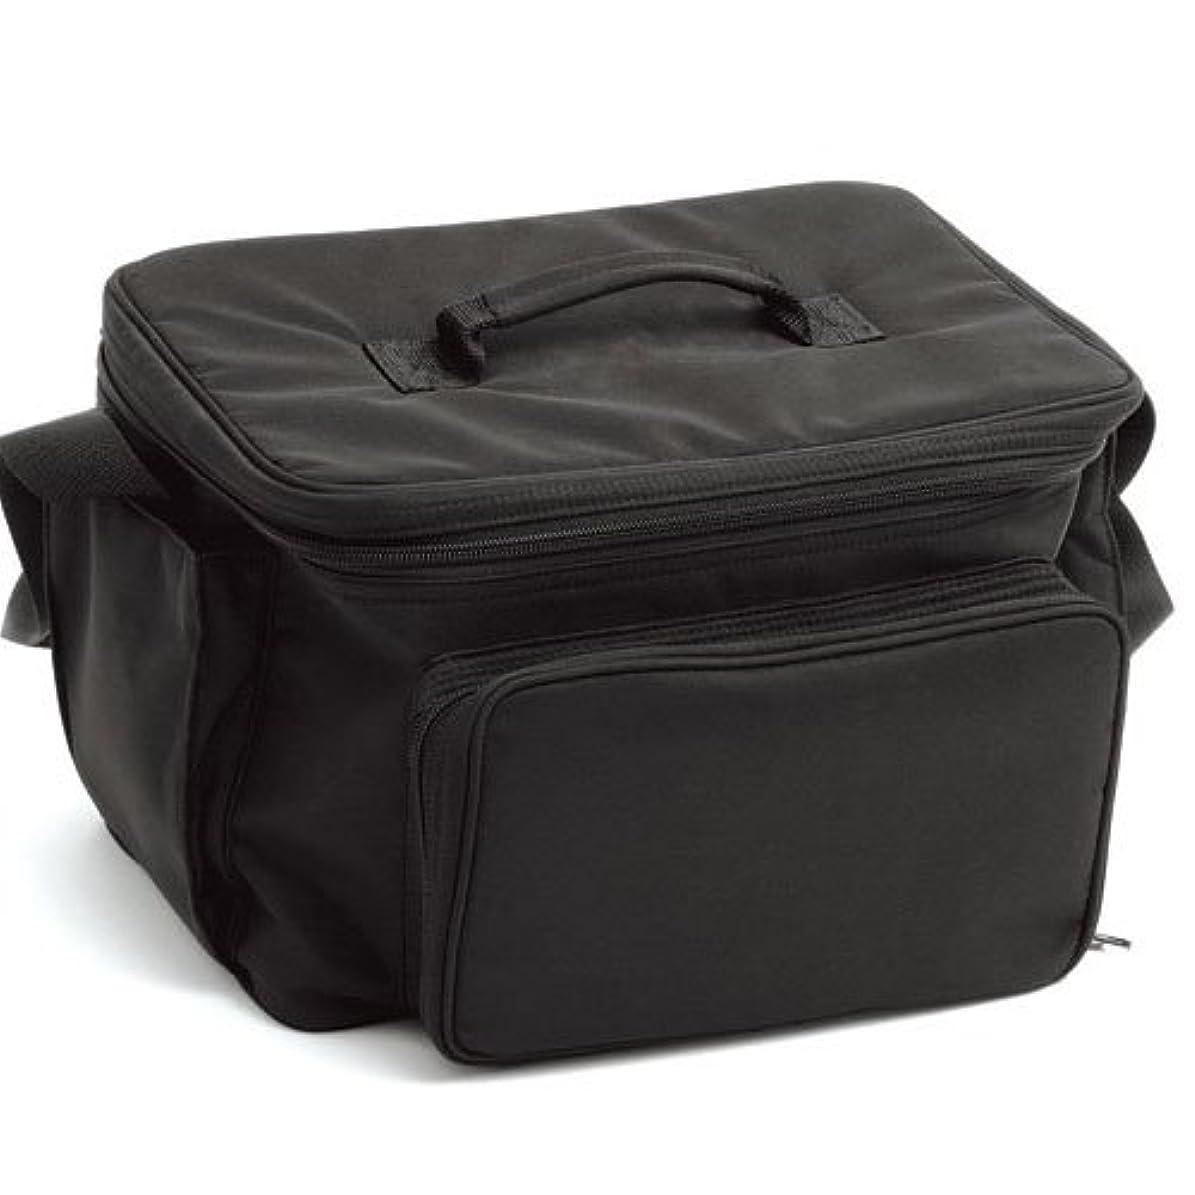 人形寮胸LIFEBEAUTY コスメバック ブラック ソフトタッチのナイロン生地 W320×D250×H220mm